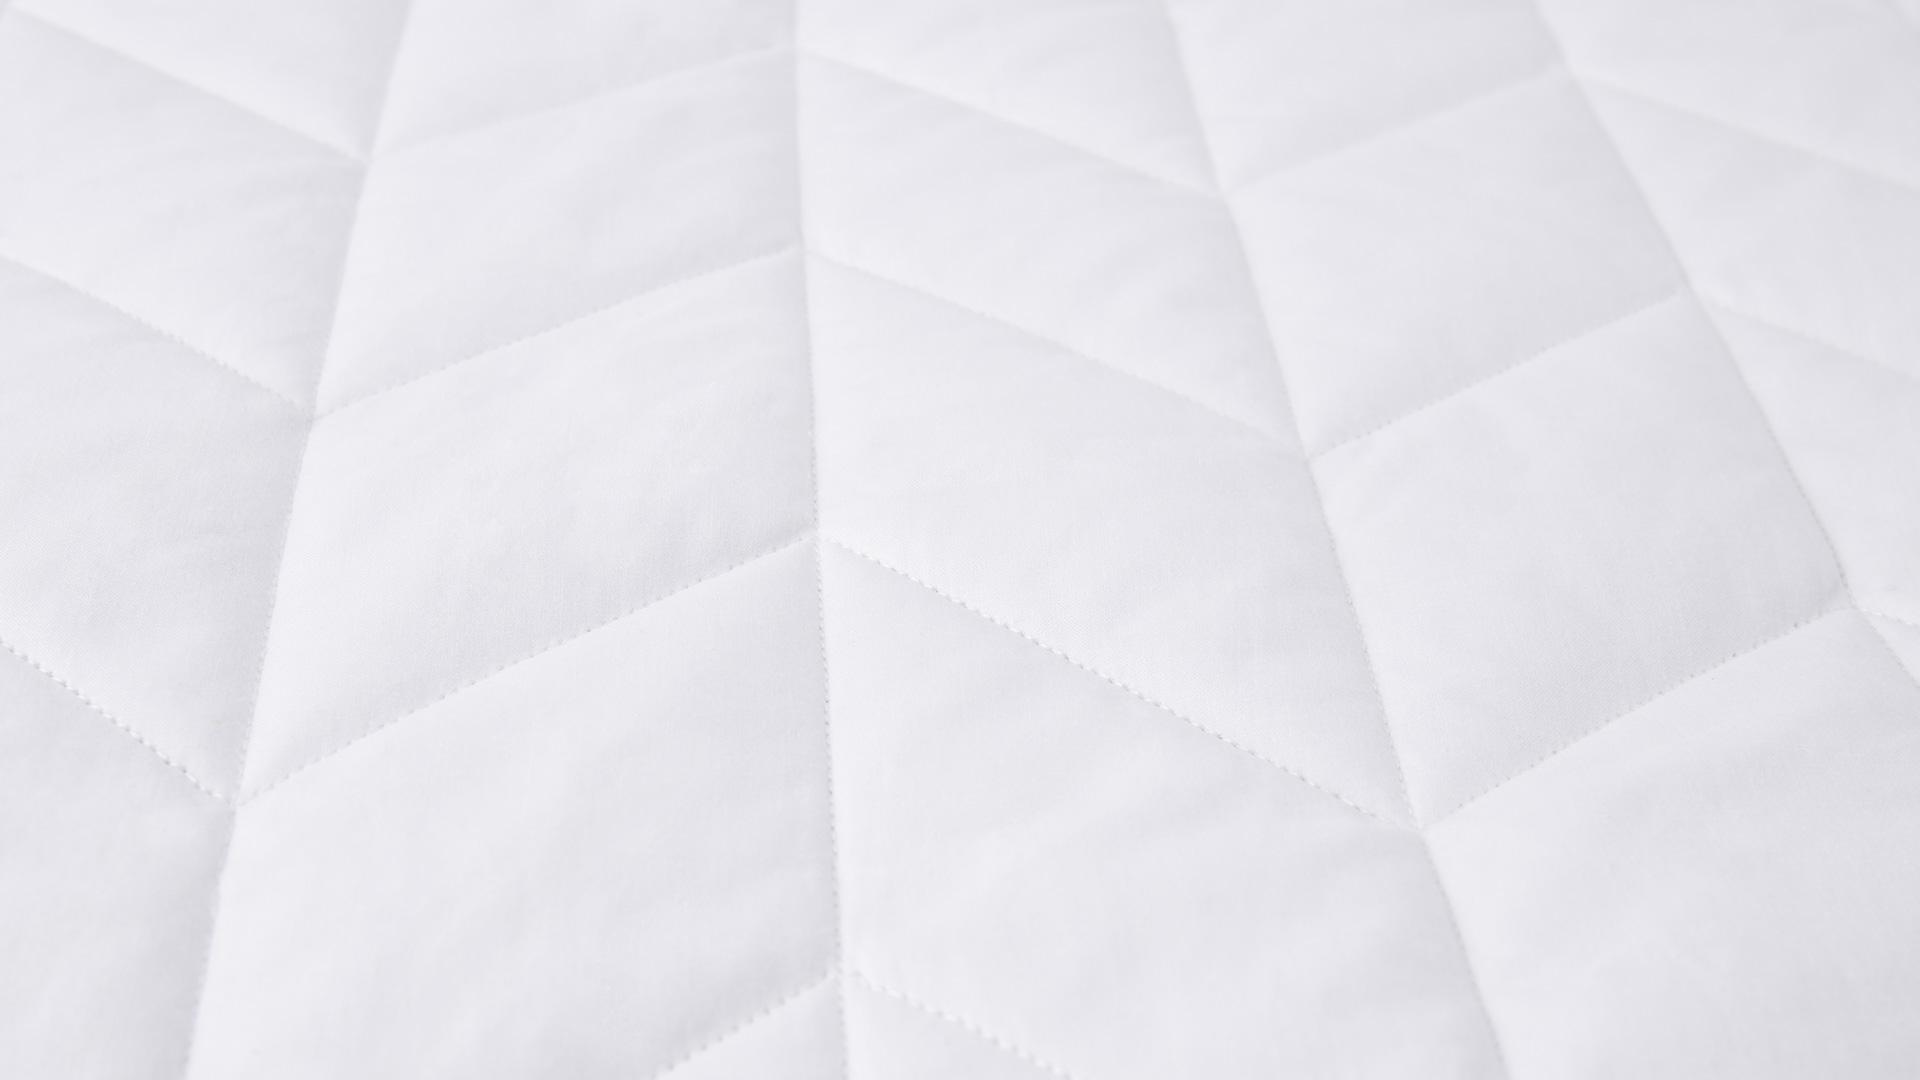 内衣品级全棉面料,45°折线绗缝工艺?x-oss-process=image/format,jpg/interlace,1